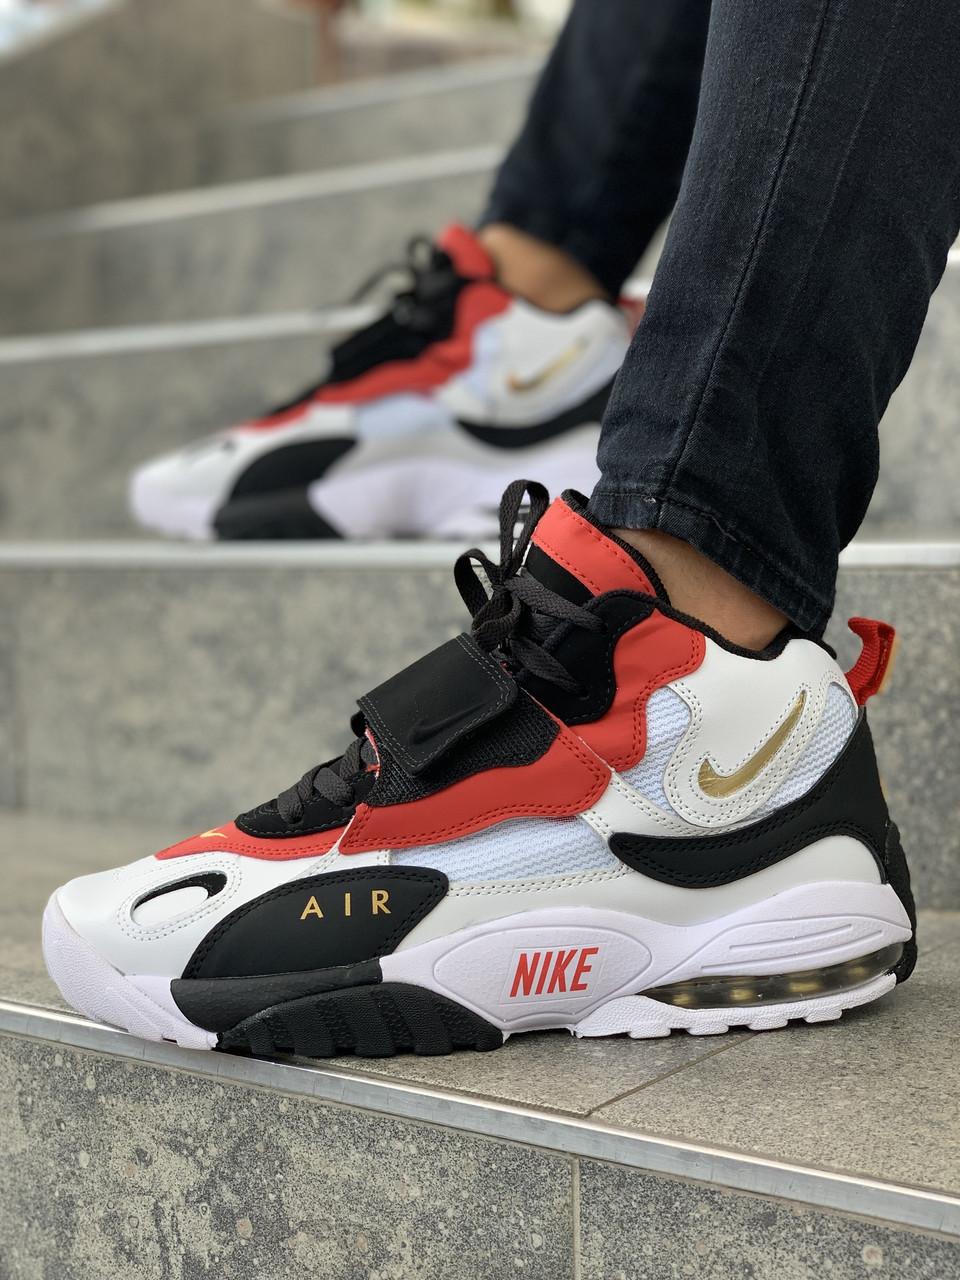 Чоловічі кросівки Nike Air Max Uptempo 95, Репліка